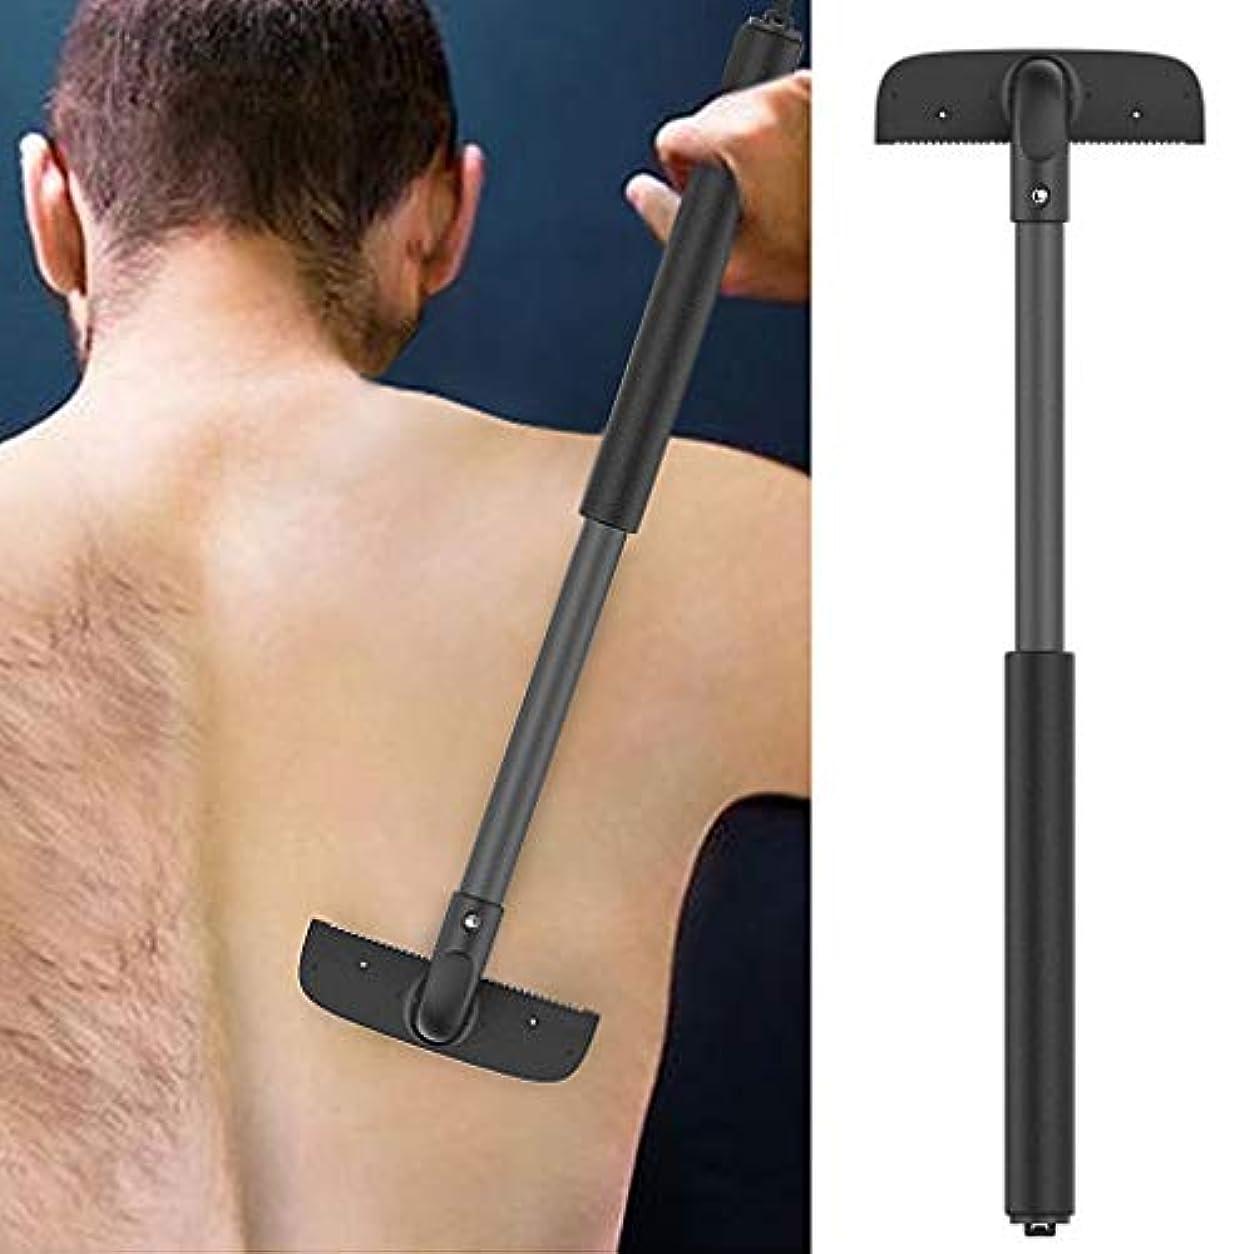 ファンネルウェブスパイダーとにかく薄汚いBack Hair Removal And Body Shaver、バックヘアとボディシェーバー、男性のための剃刀、調節可能なハンドル、伸縮可能なトリマー剃刀脱毛装置 除毛 ムダ毛処理